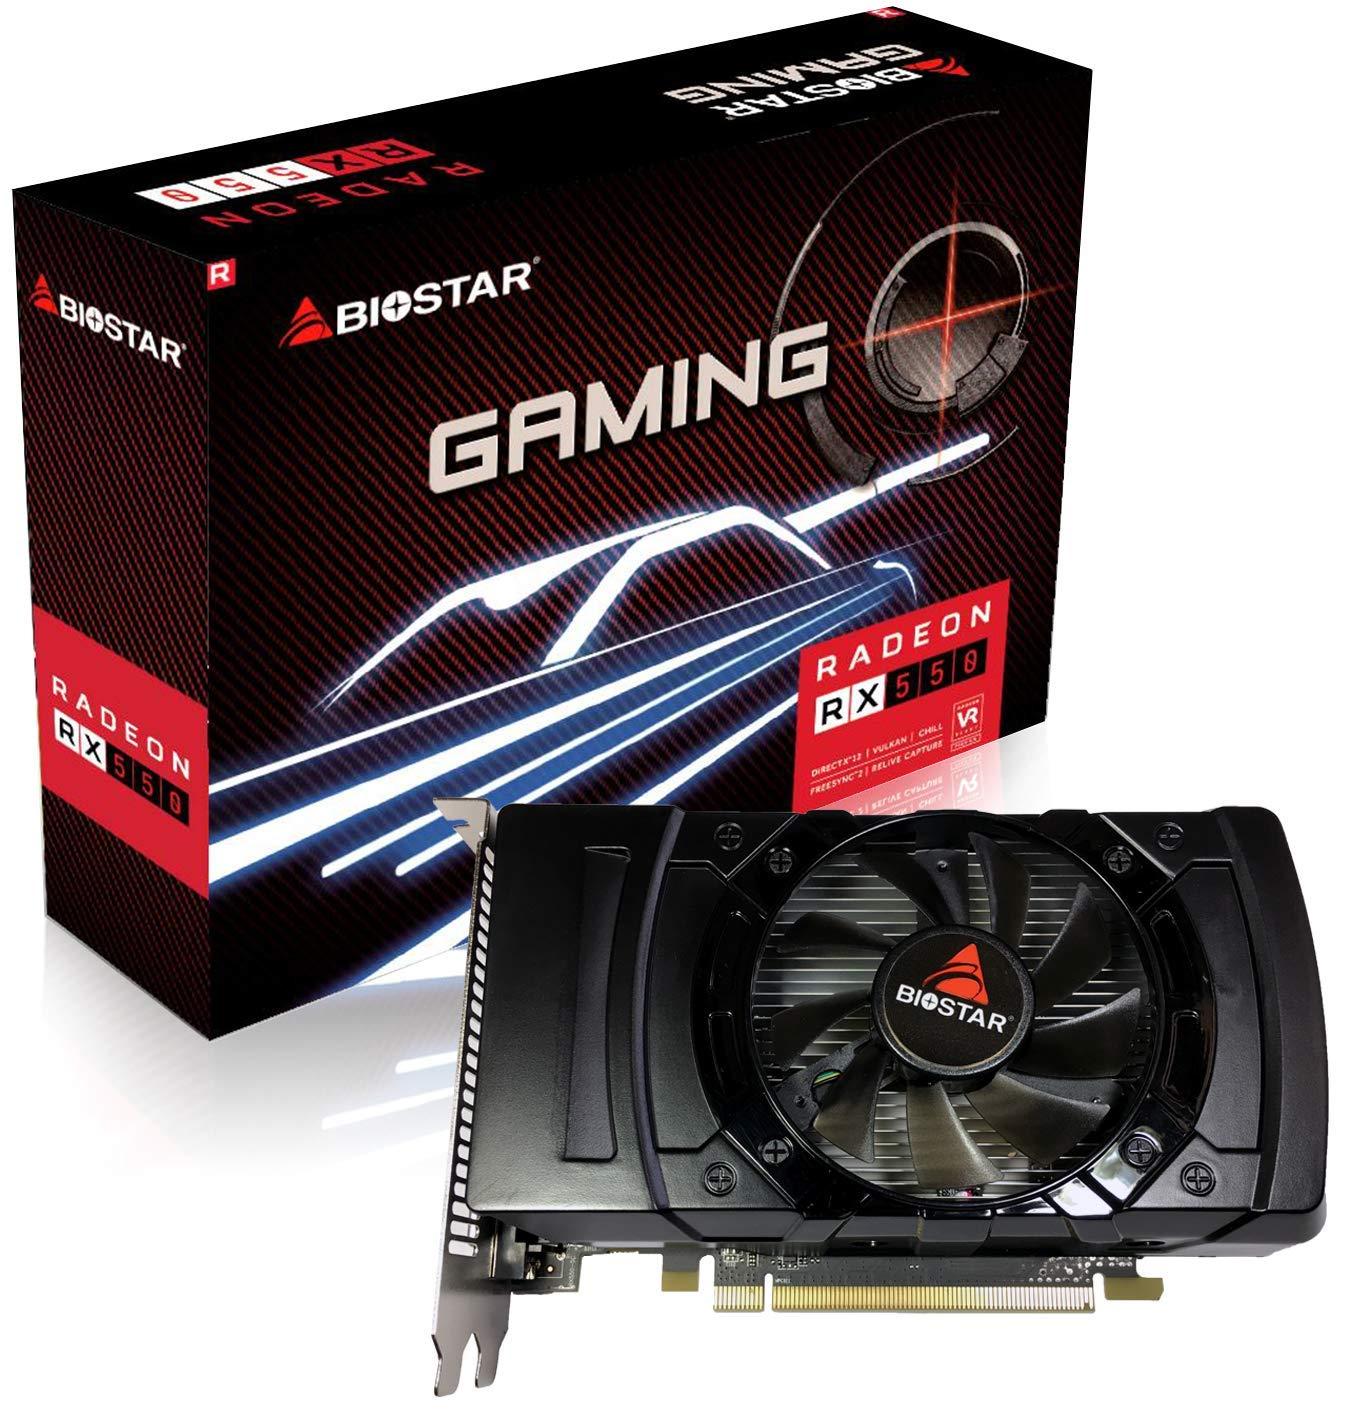 Biostar Radeon RX550